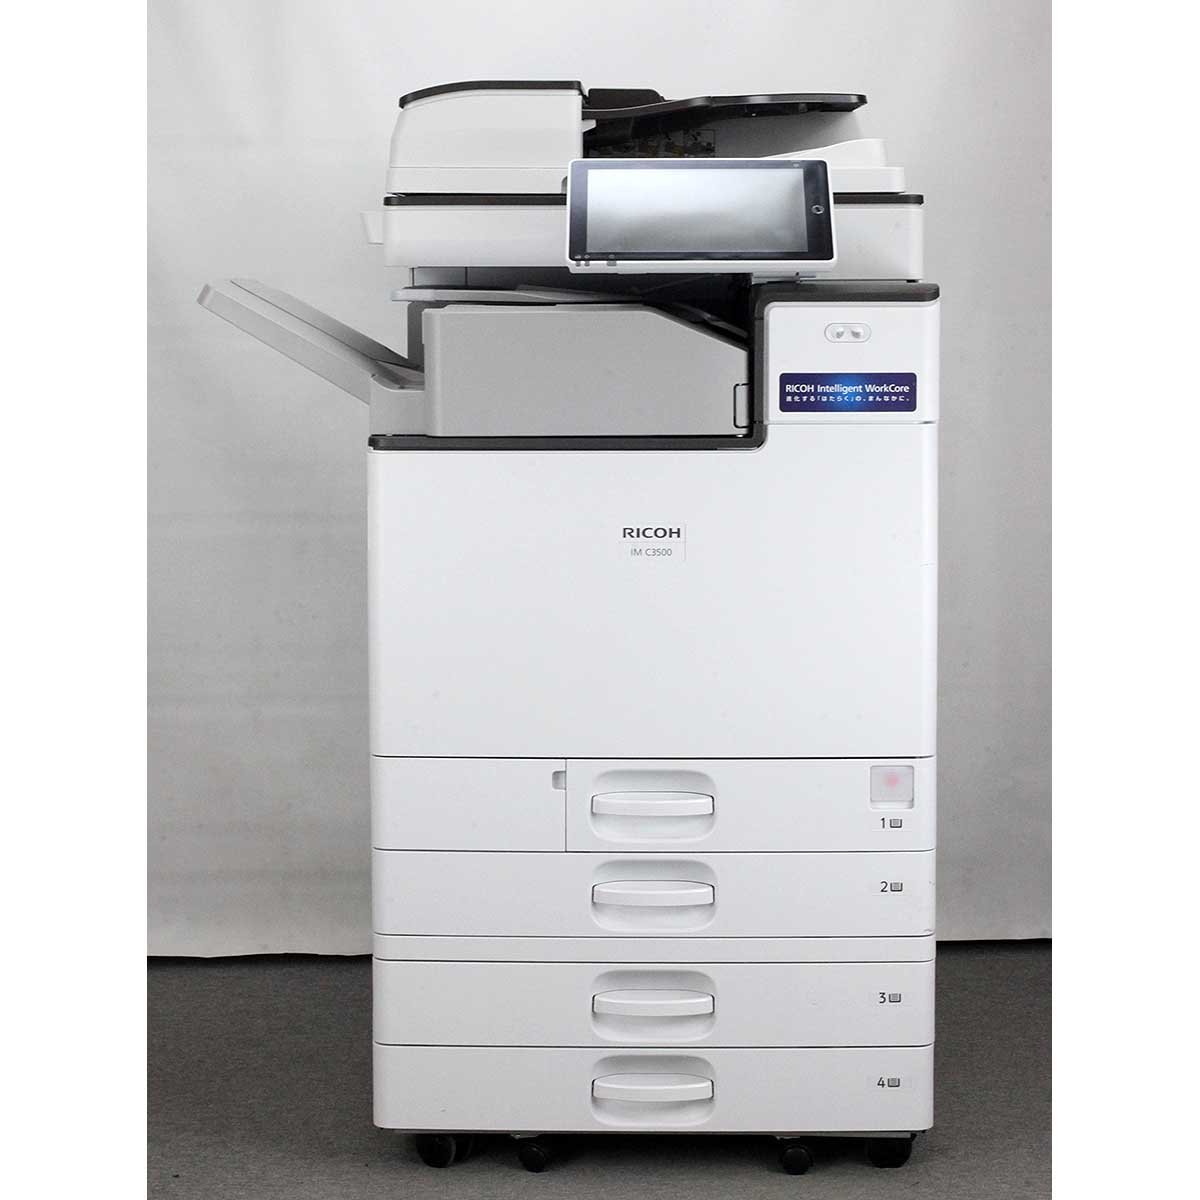 リコー / RICOH IM C3500 F カラーコピー機/複合機 インナー紙折りユニット内蔵 【現行機】【Mac対応】(中古)